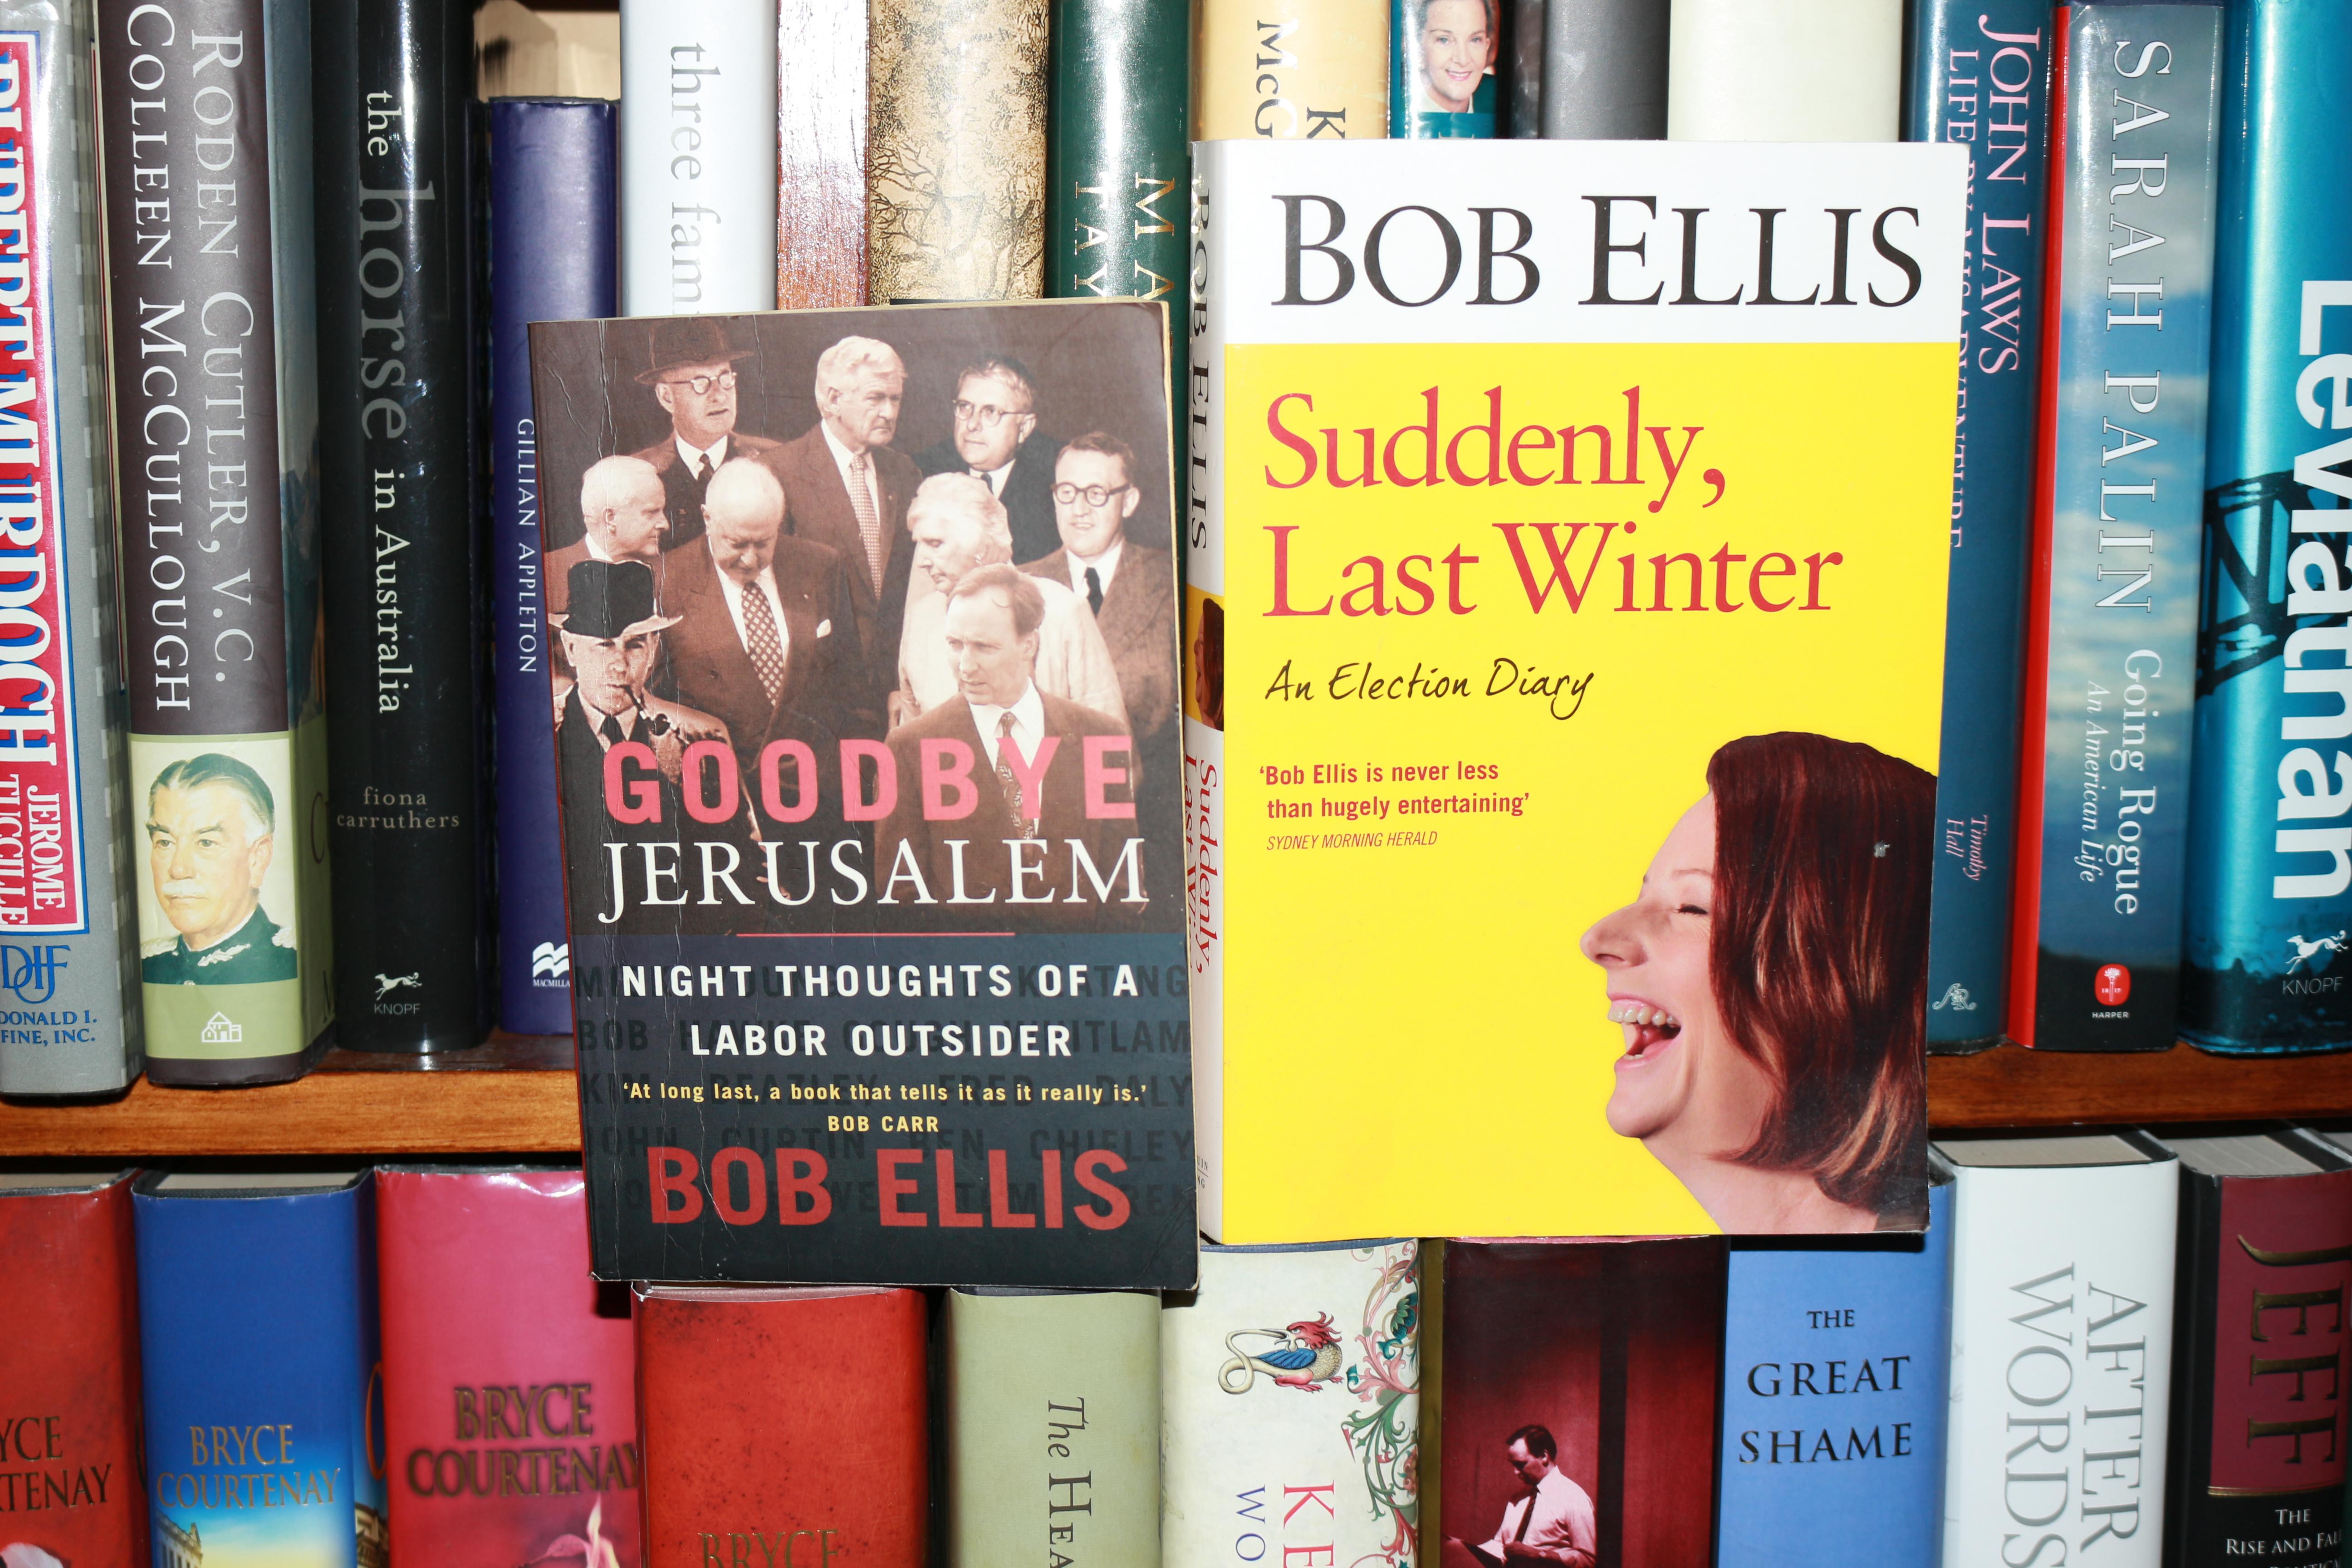 bob ellis books pic